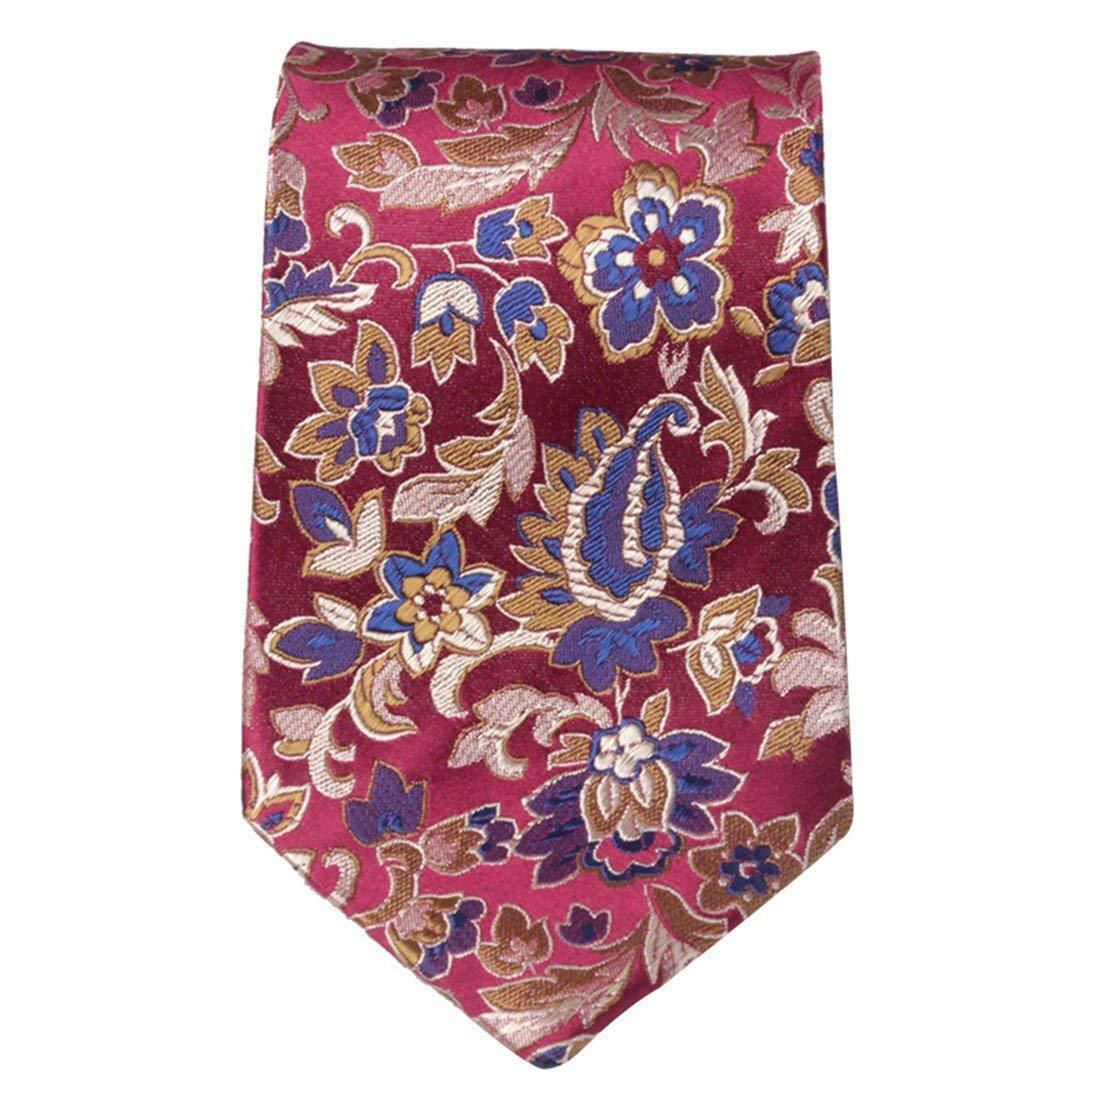 BAIJJ Corbata de Bordado de 9 cm de Color Rojo Vino de Flores ...